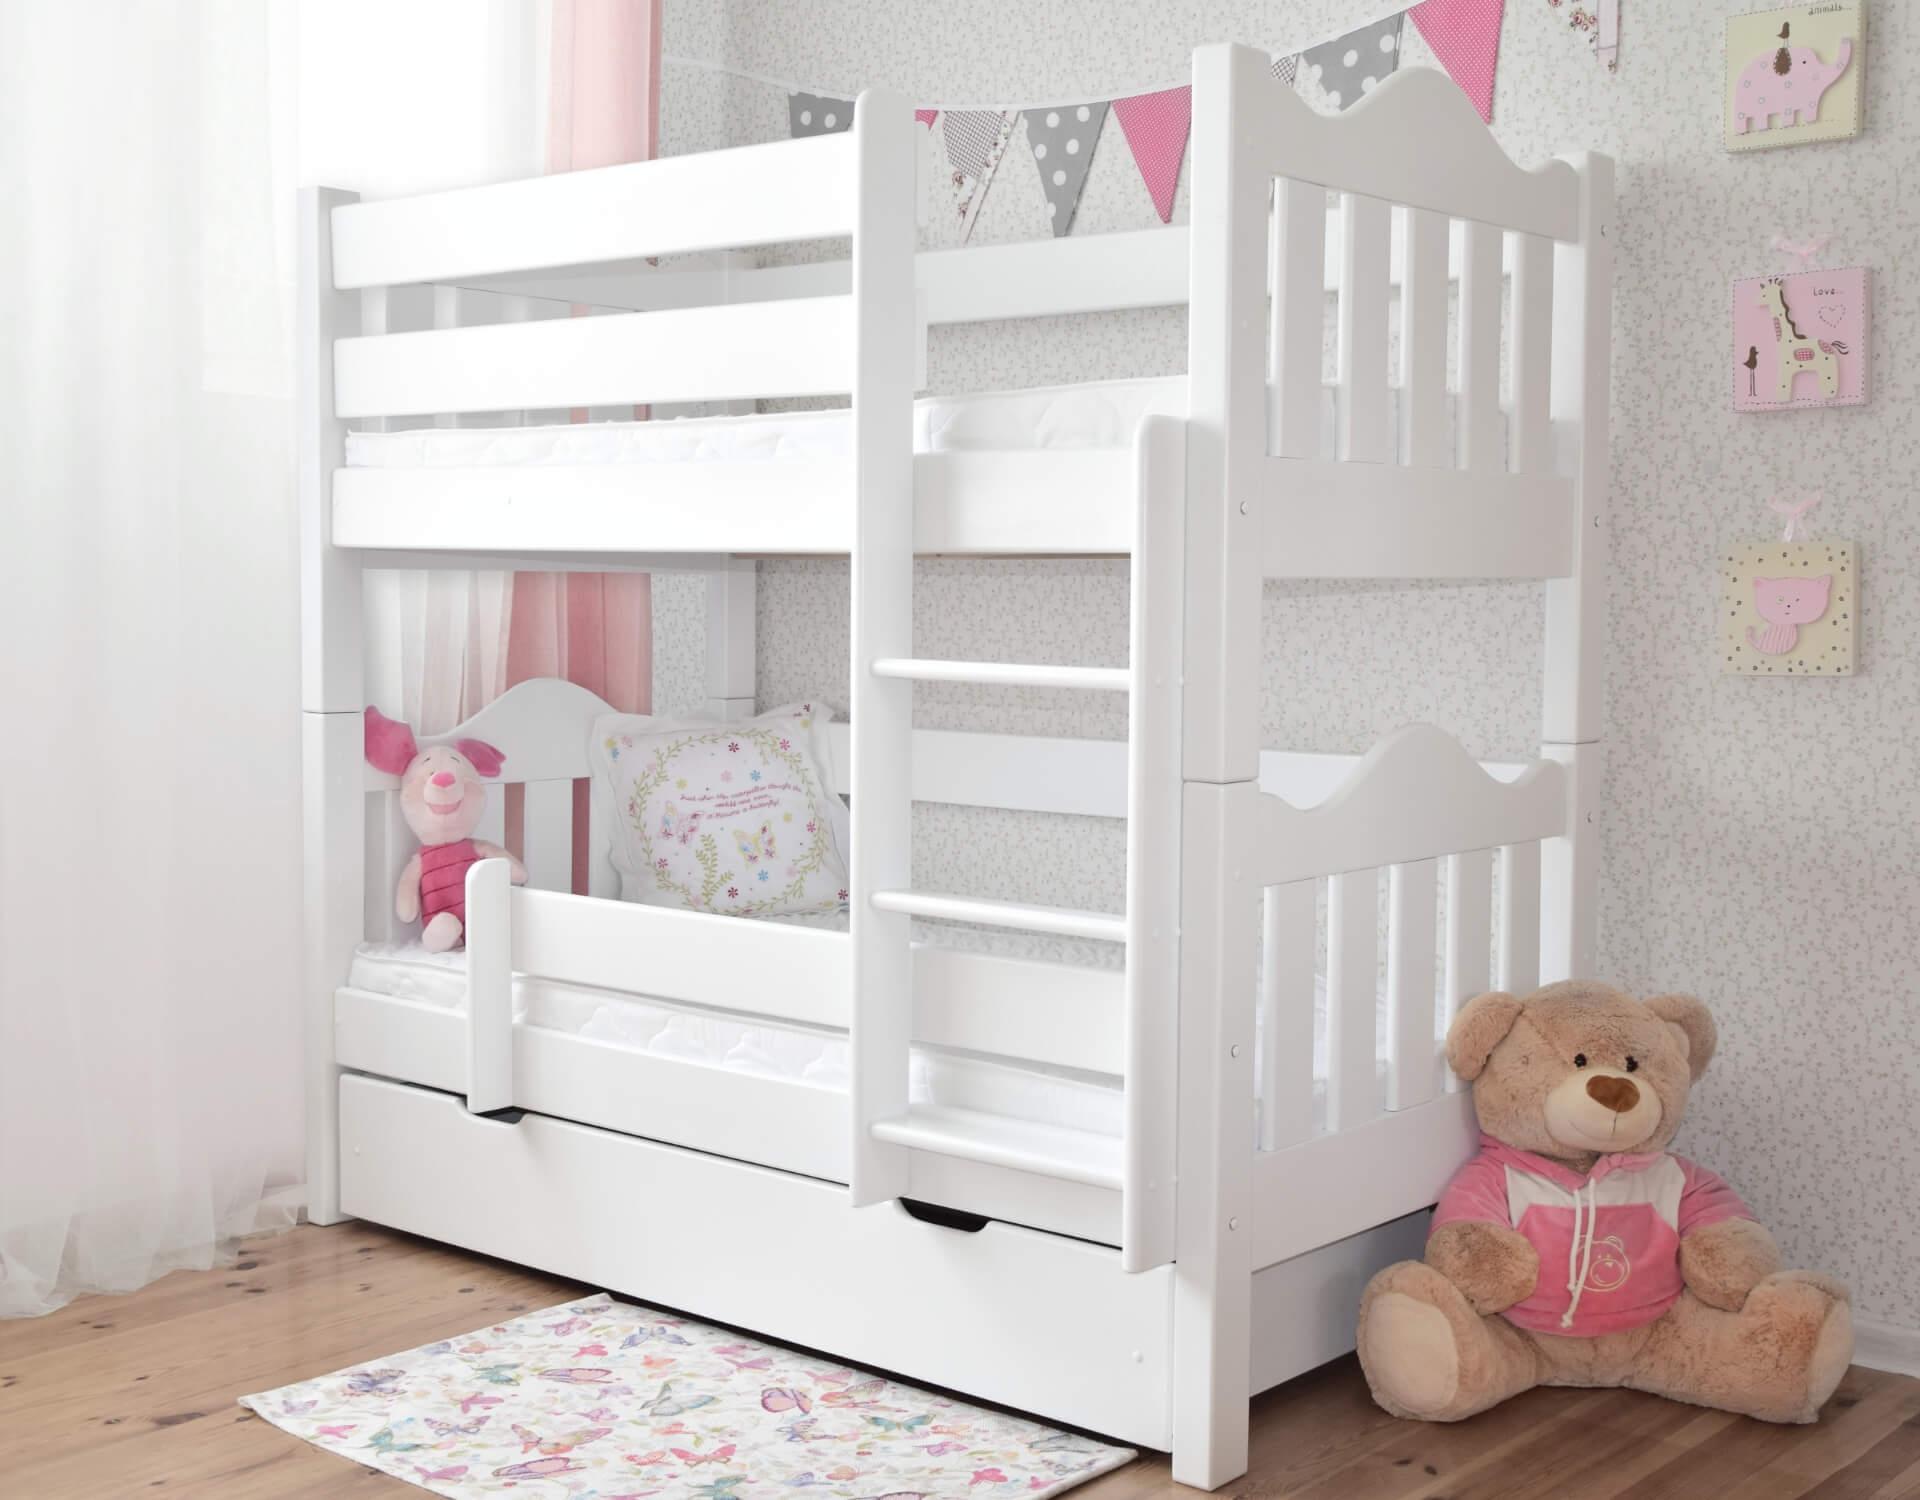 łóżko Piętrowe Drewniane Pingwin Faliste Szczyty Białe Wymiar łóżka Pod Materac 160 X 80